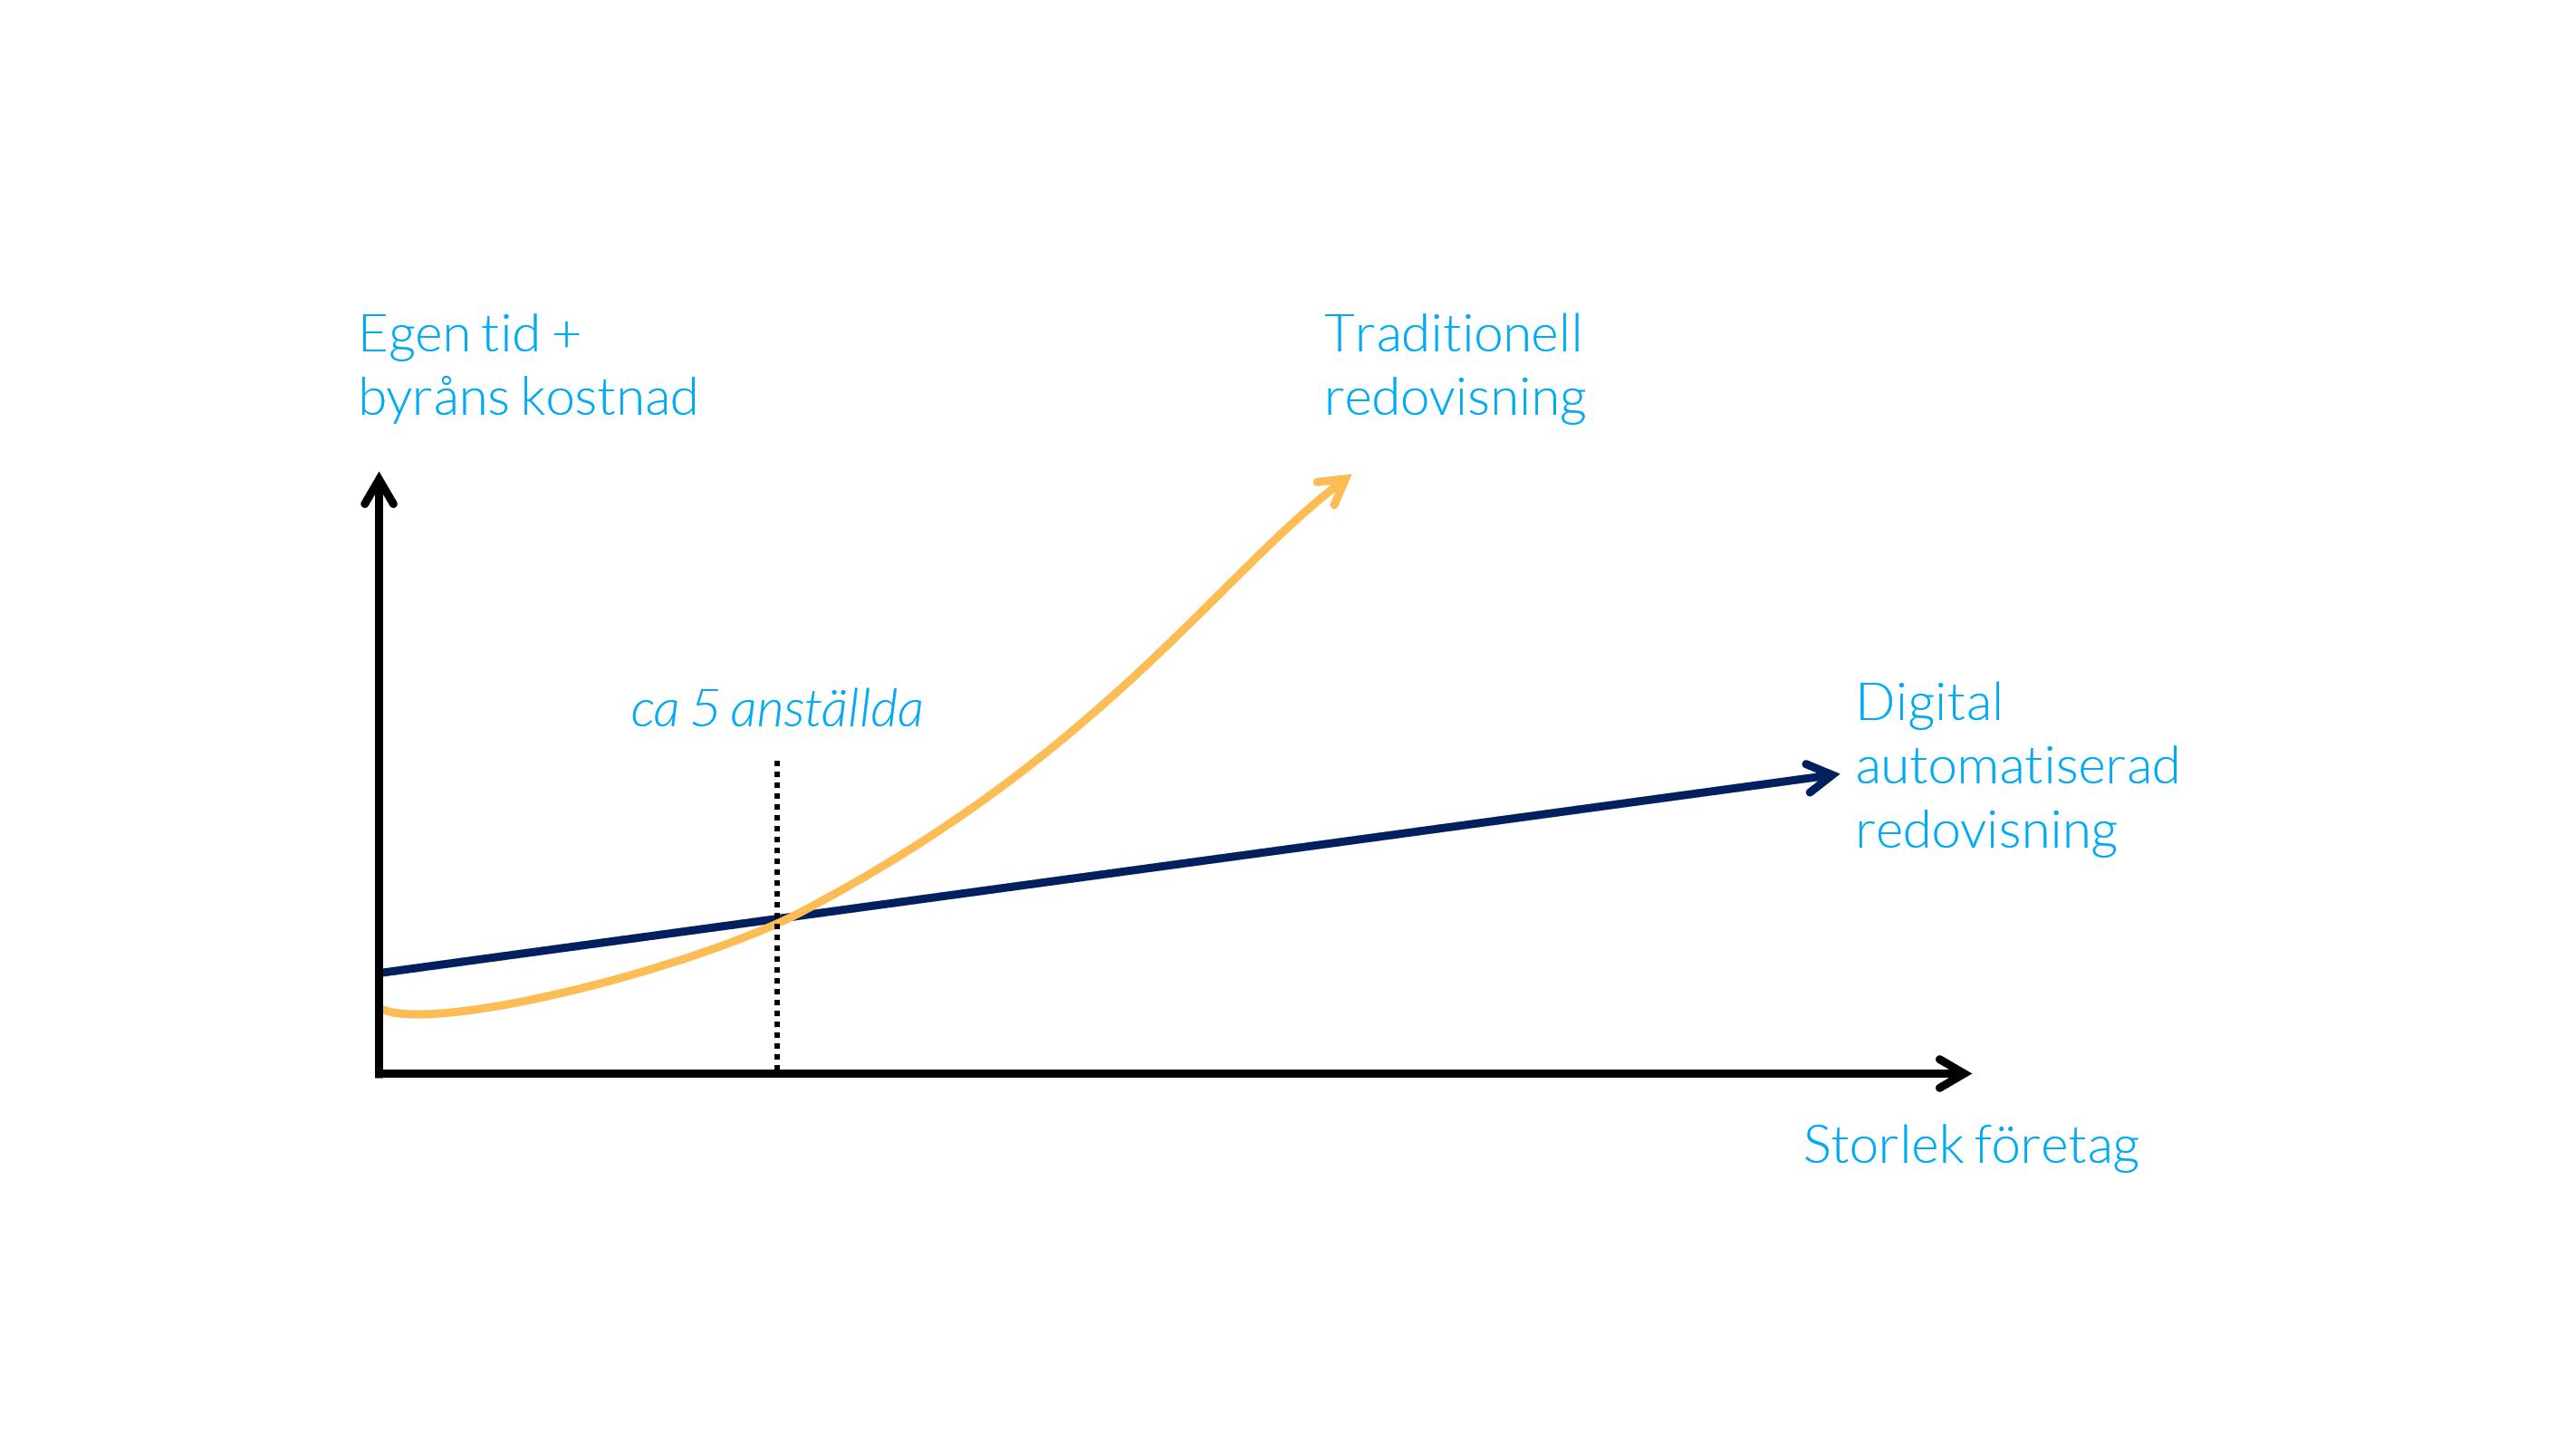 traditionell_vs_digitalautomatiseradredovisning